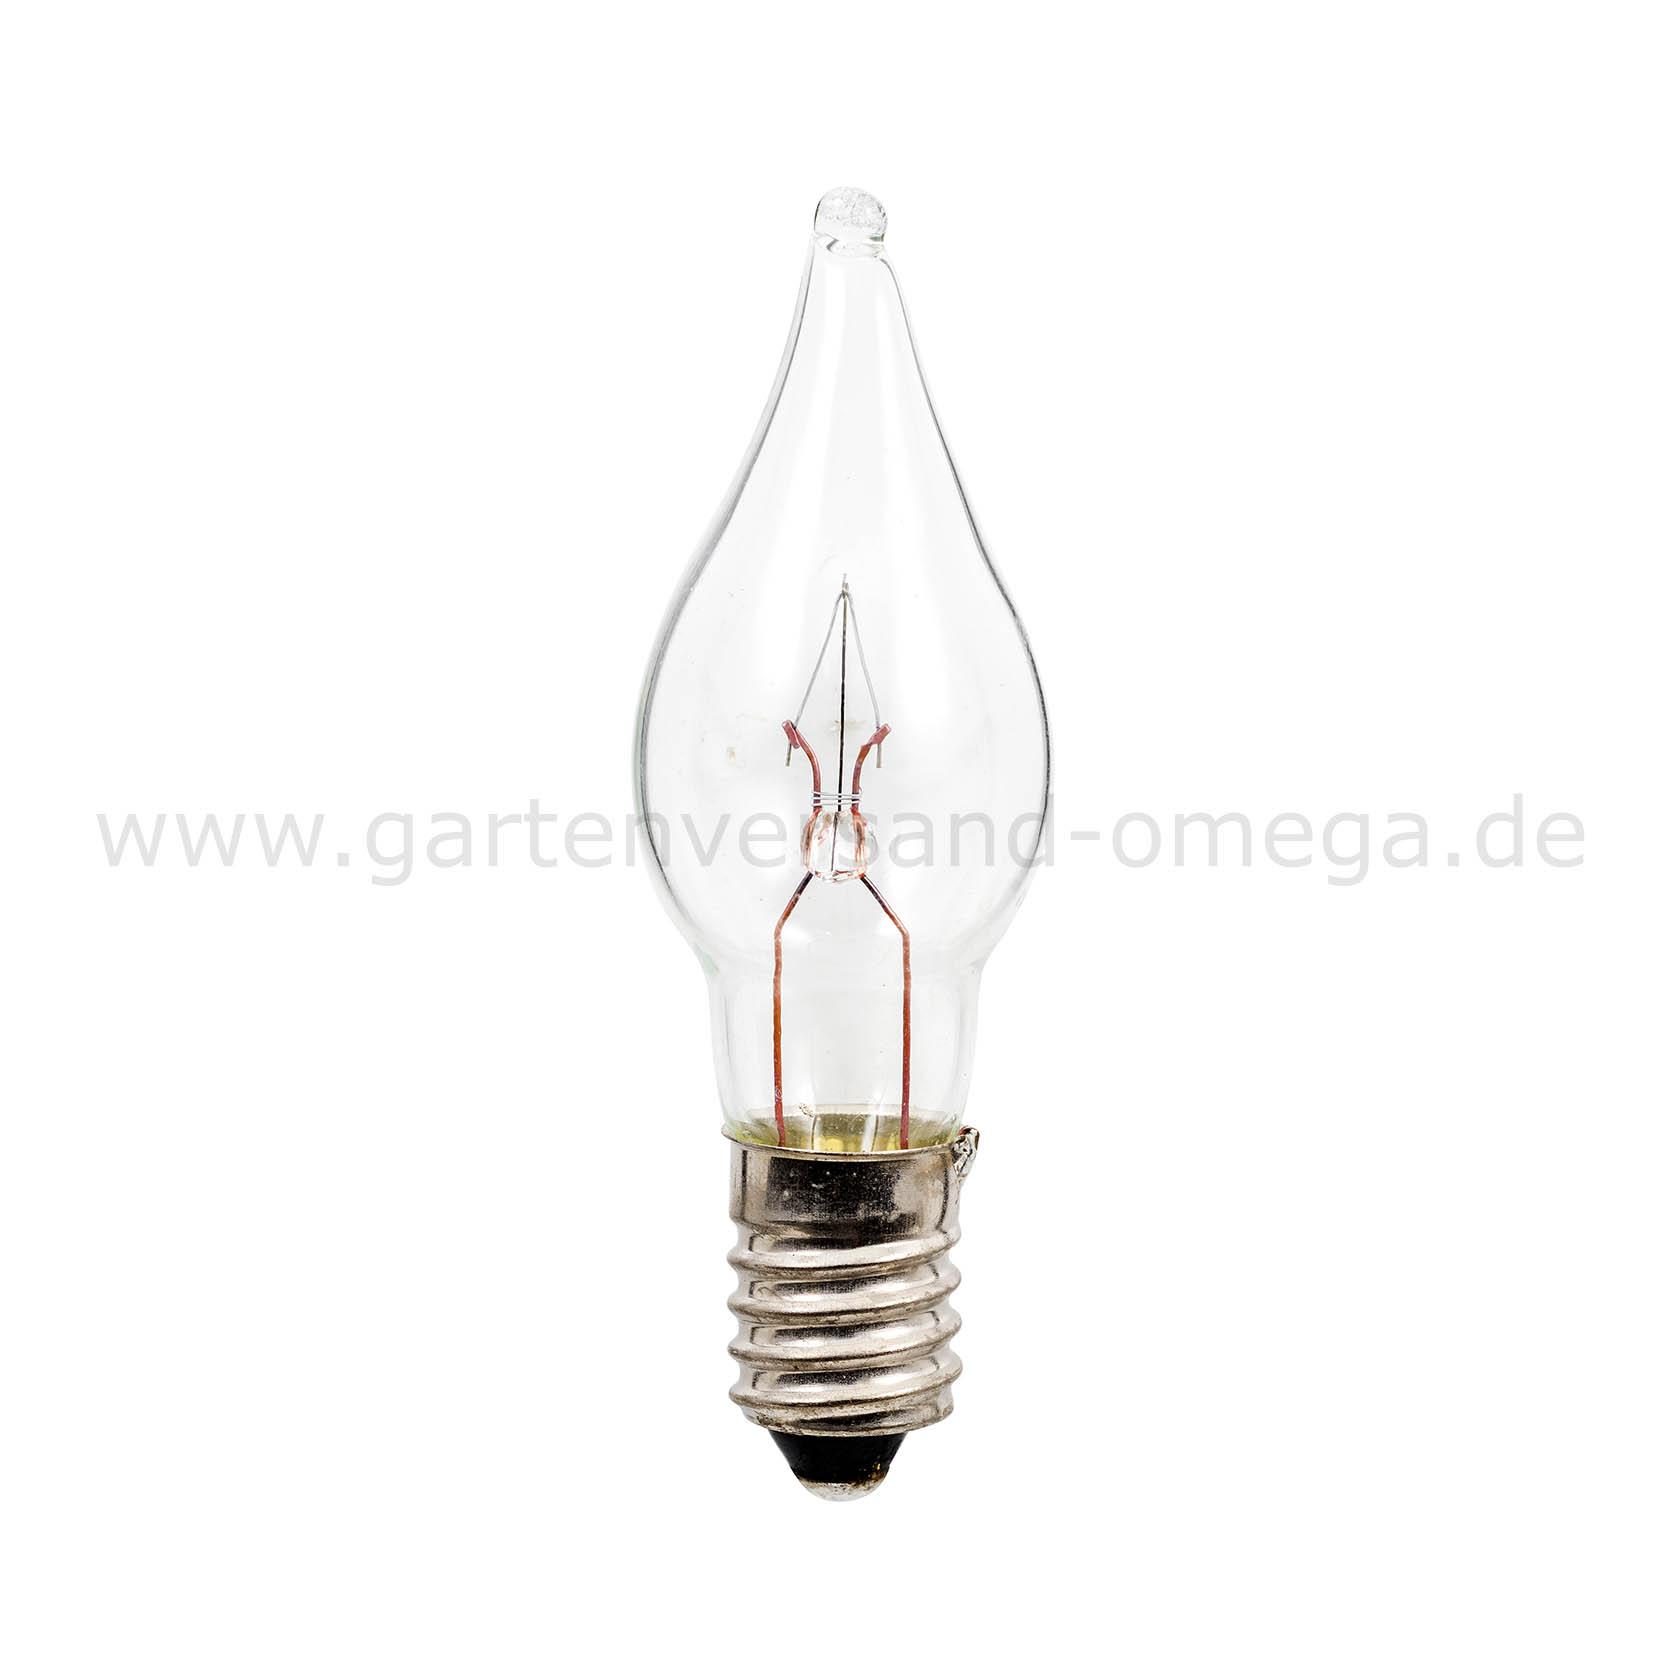 Ersatzlampen Weihnachtsbeleuchtung.Ersatzlämpchen Ersatzbirnchen Ersatzkerzen Zubehör Für